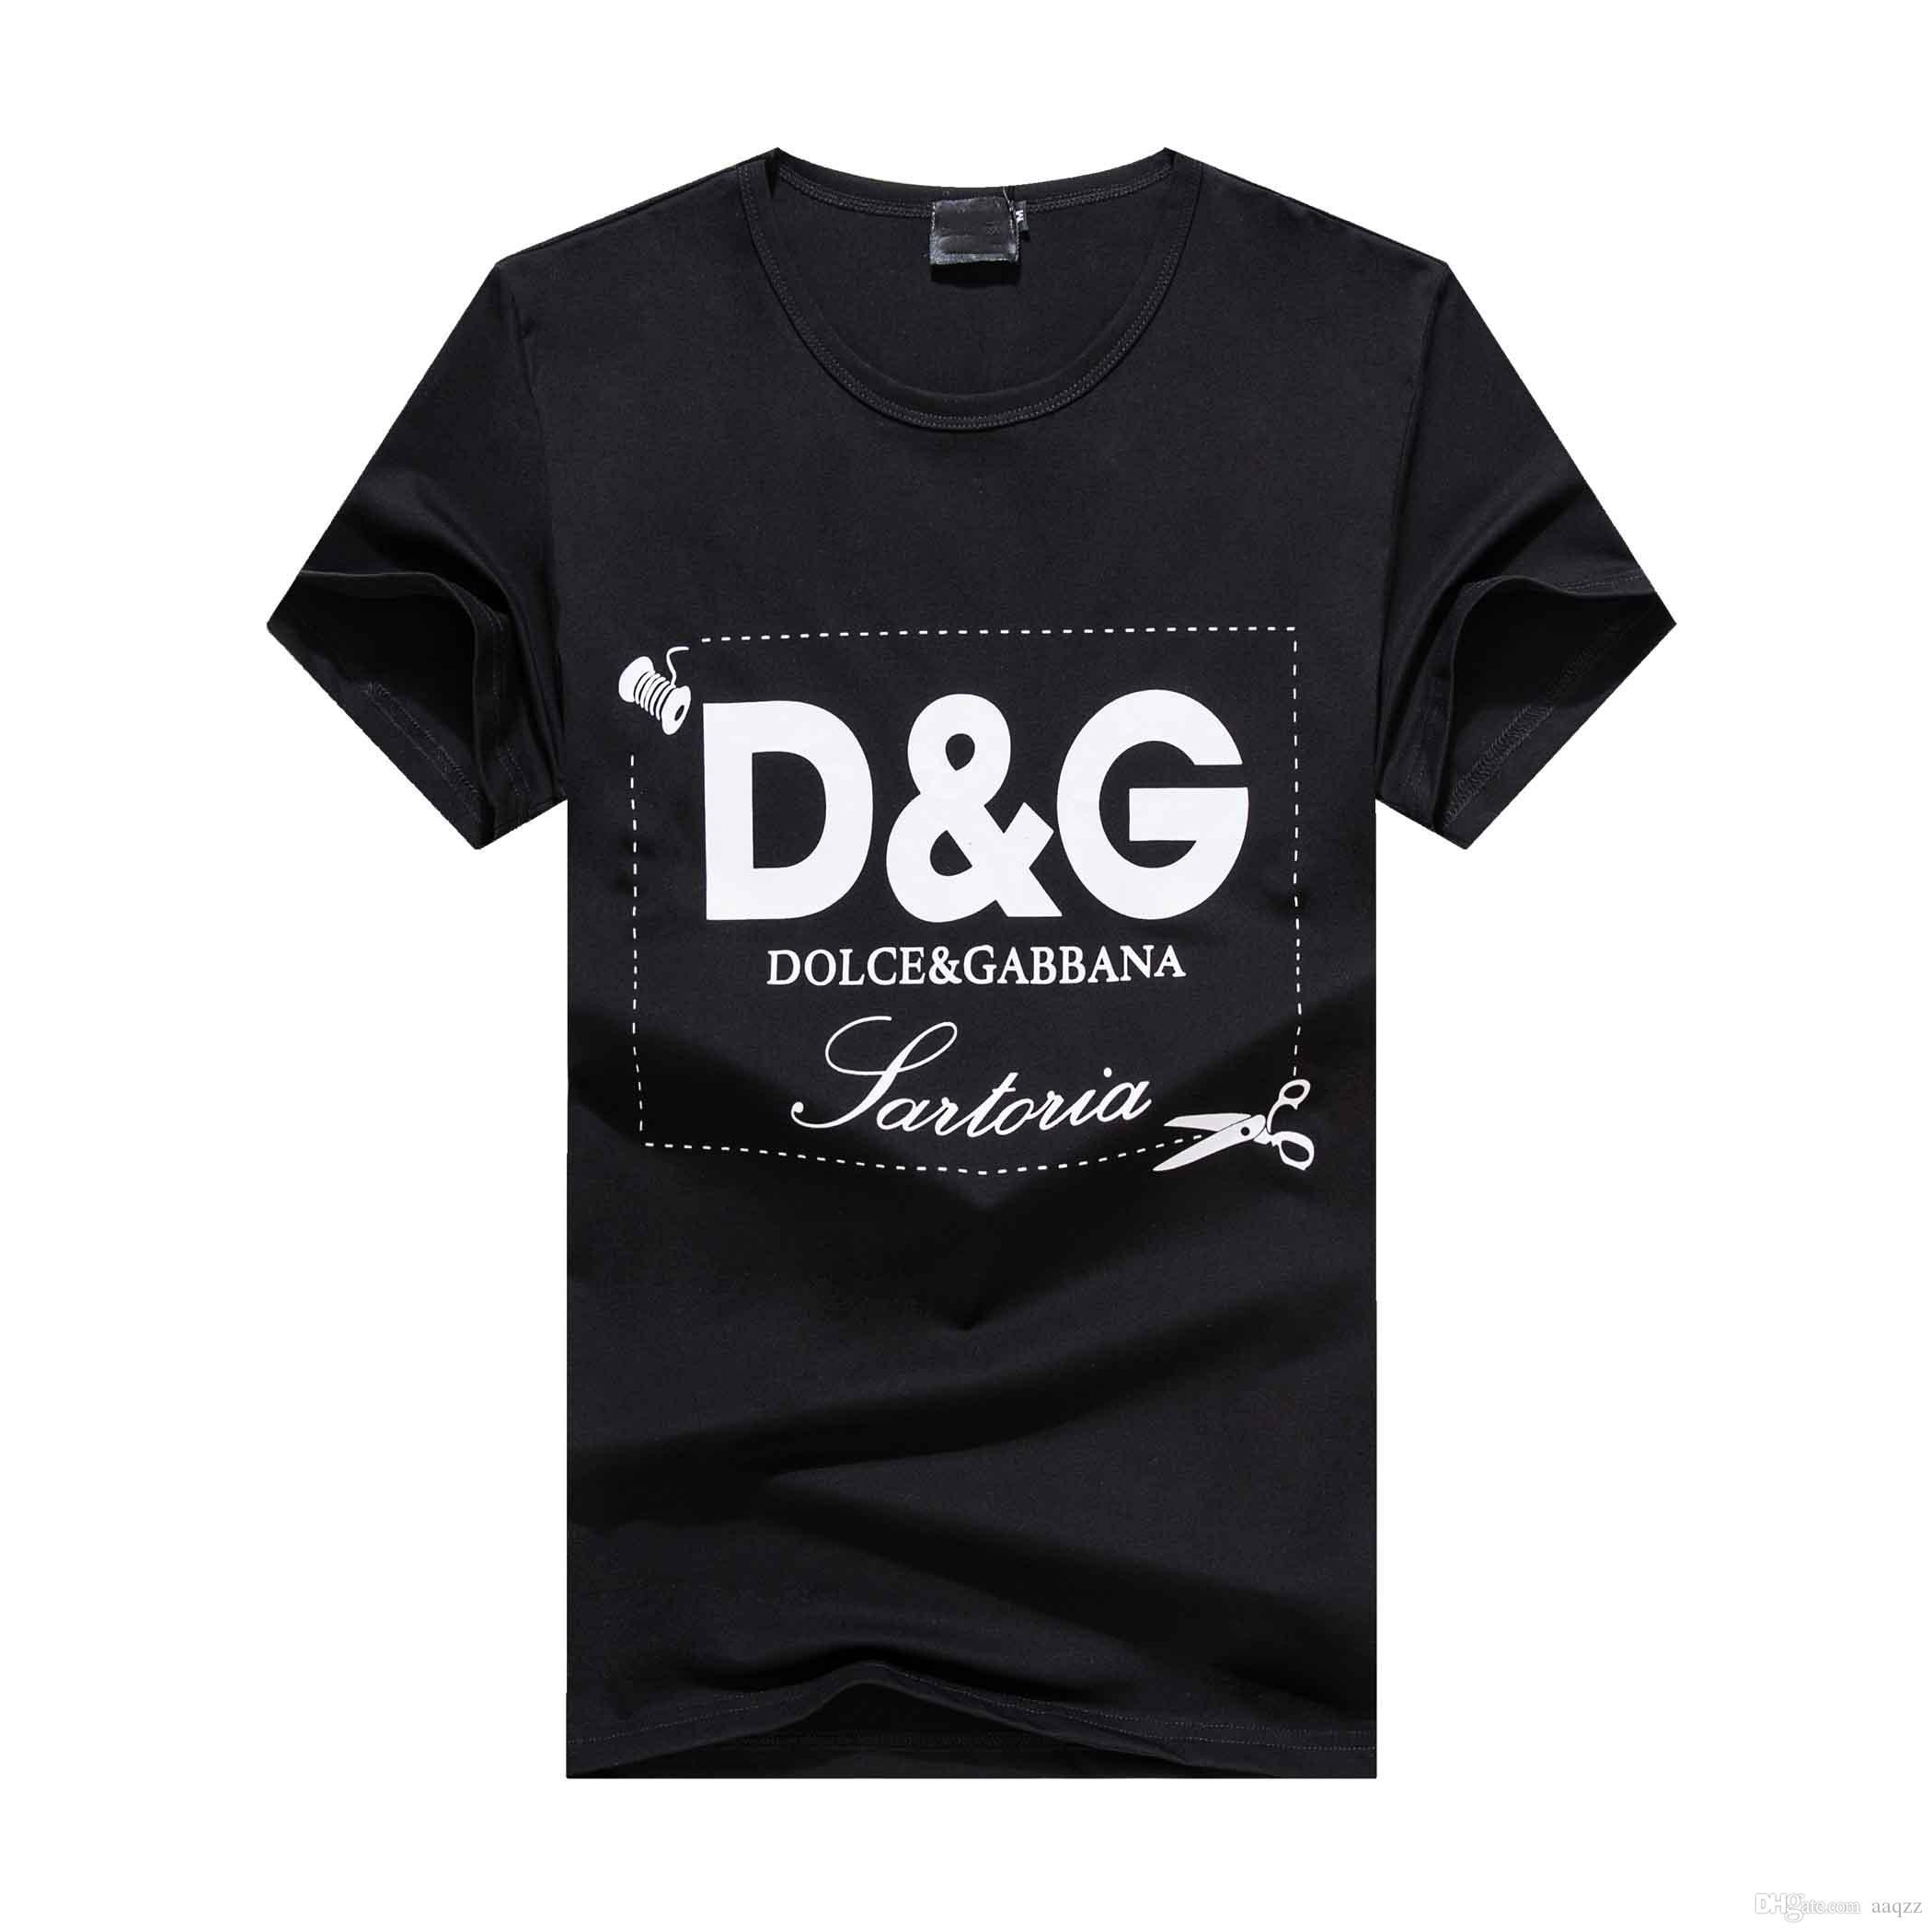 Moda Hombres FF diseñadores de camisetas camiseta del algodón ocasional de la camisa de los hombres Ropa intermitente Carta Camisetas divertidas Hombres Mujeres Hip Hop Tee camisetas